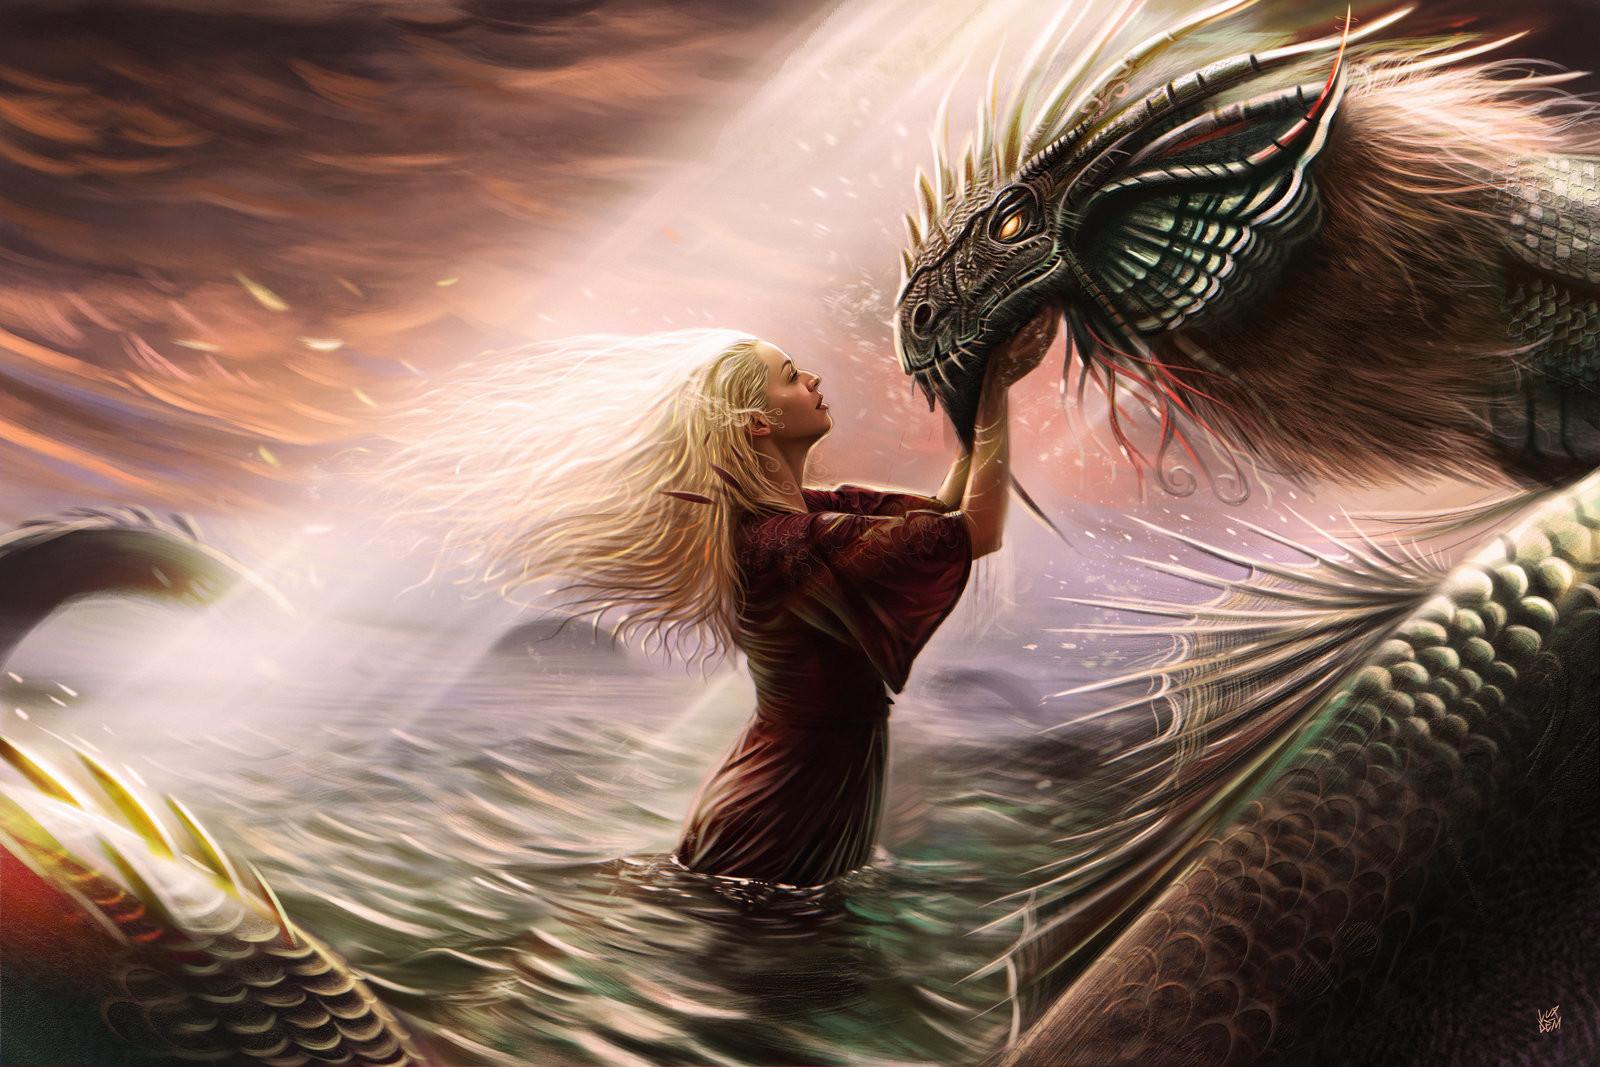 Yasar vurdem soul of sea illustration by vurdem dbq4xu8